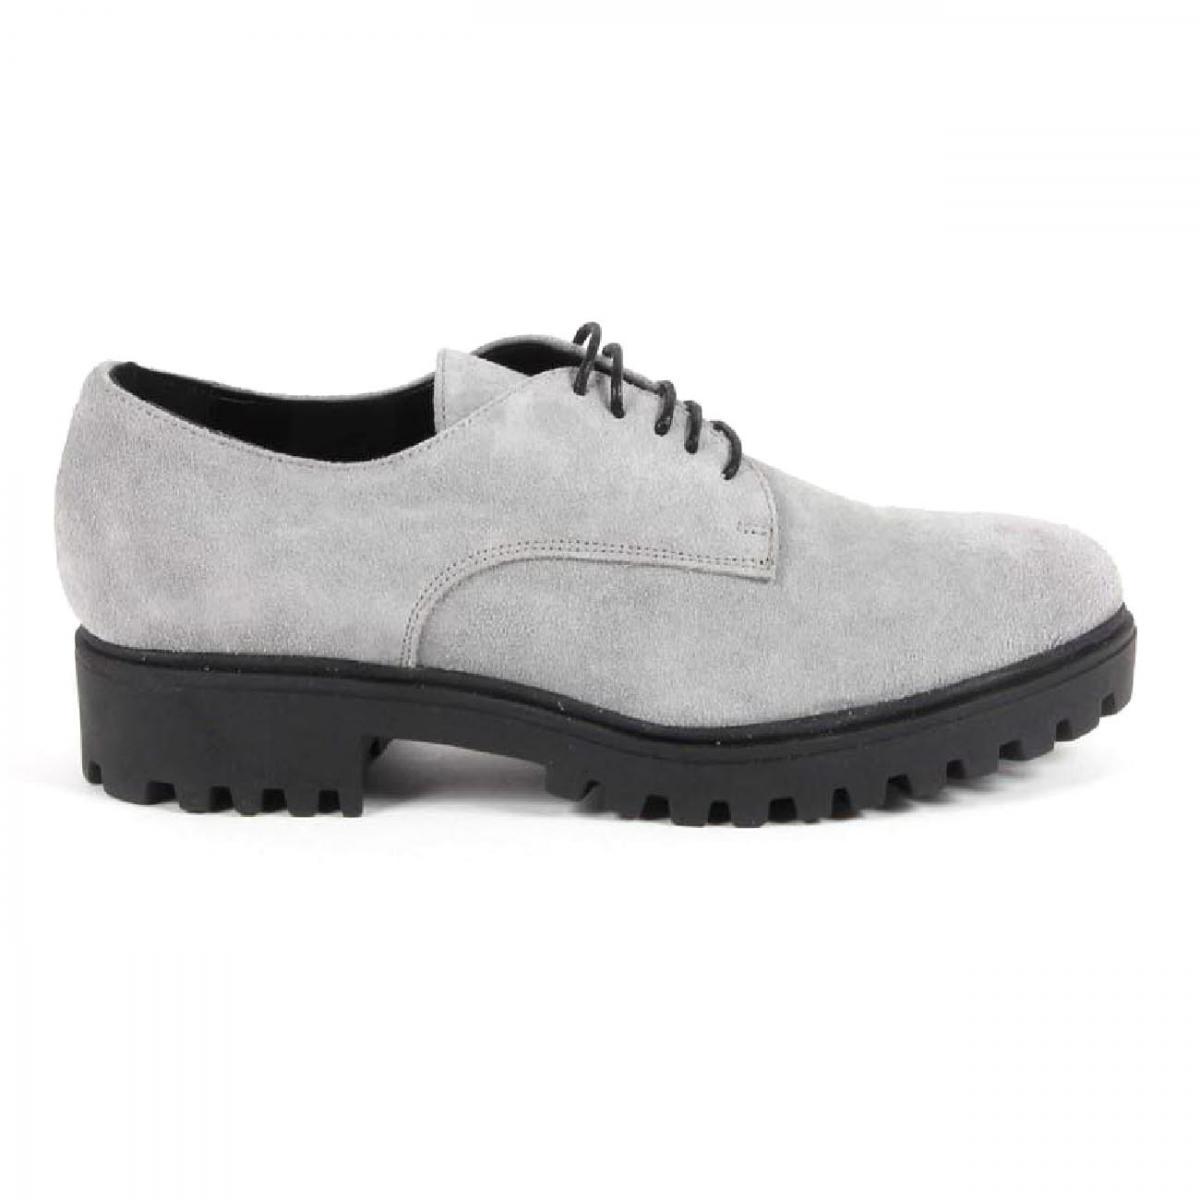 Versace 19.69 Abbigliamento Sportivo Srl Milano Italia Womens Lace Up Shoe C01 CAMOSCIO GRIGIO